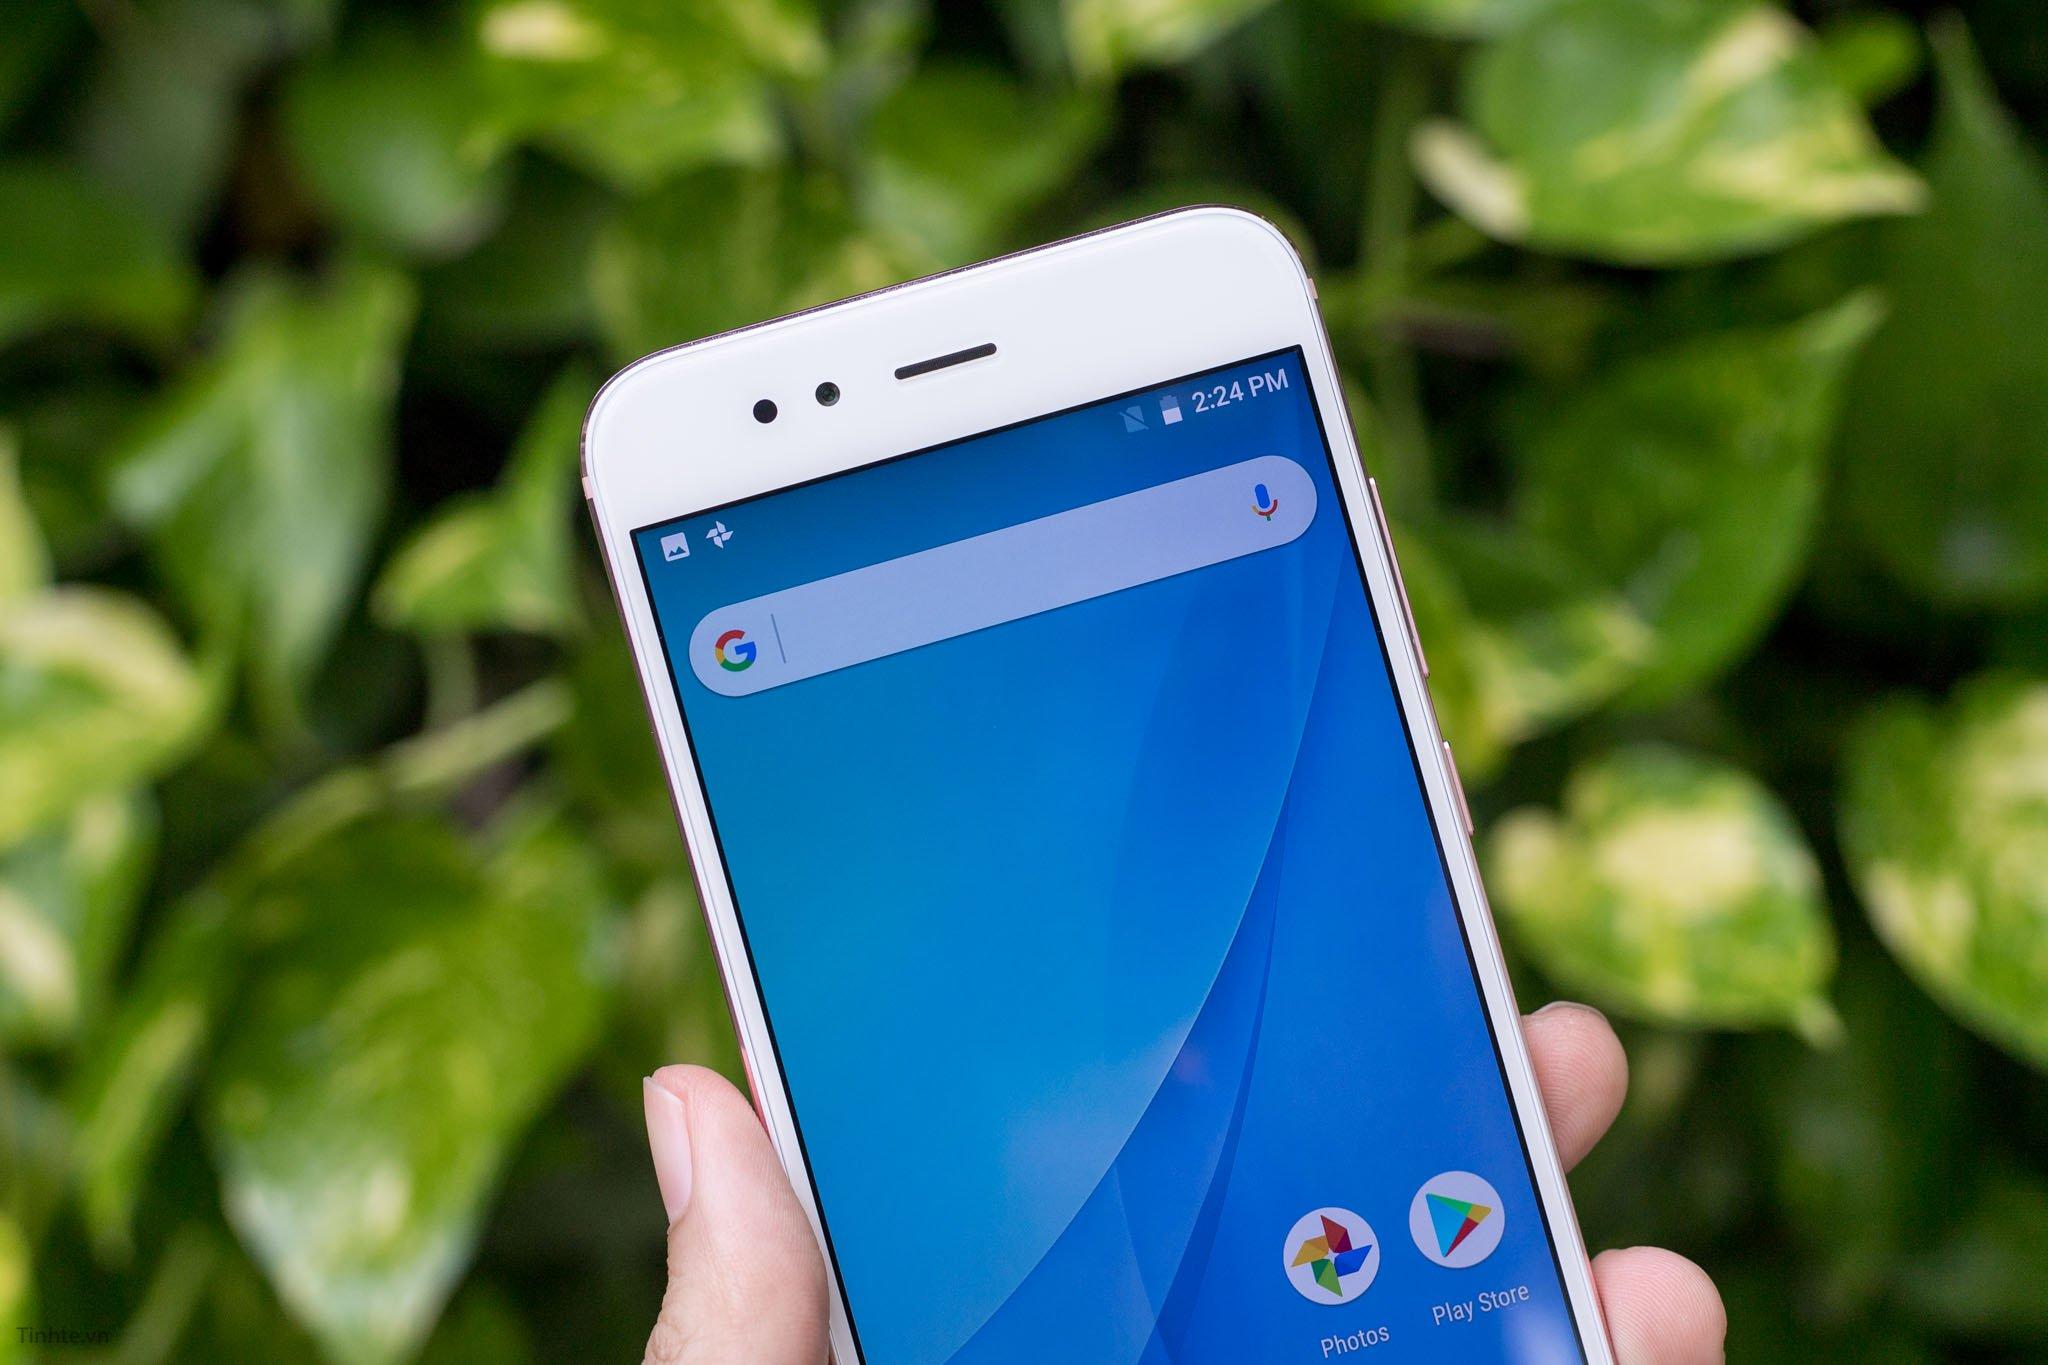 Thay mặt kính cảm ứng Xiaomi Mi A1 ở đâu đảm bảo được chất lượng?